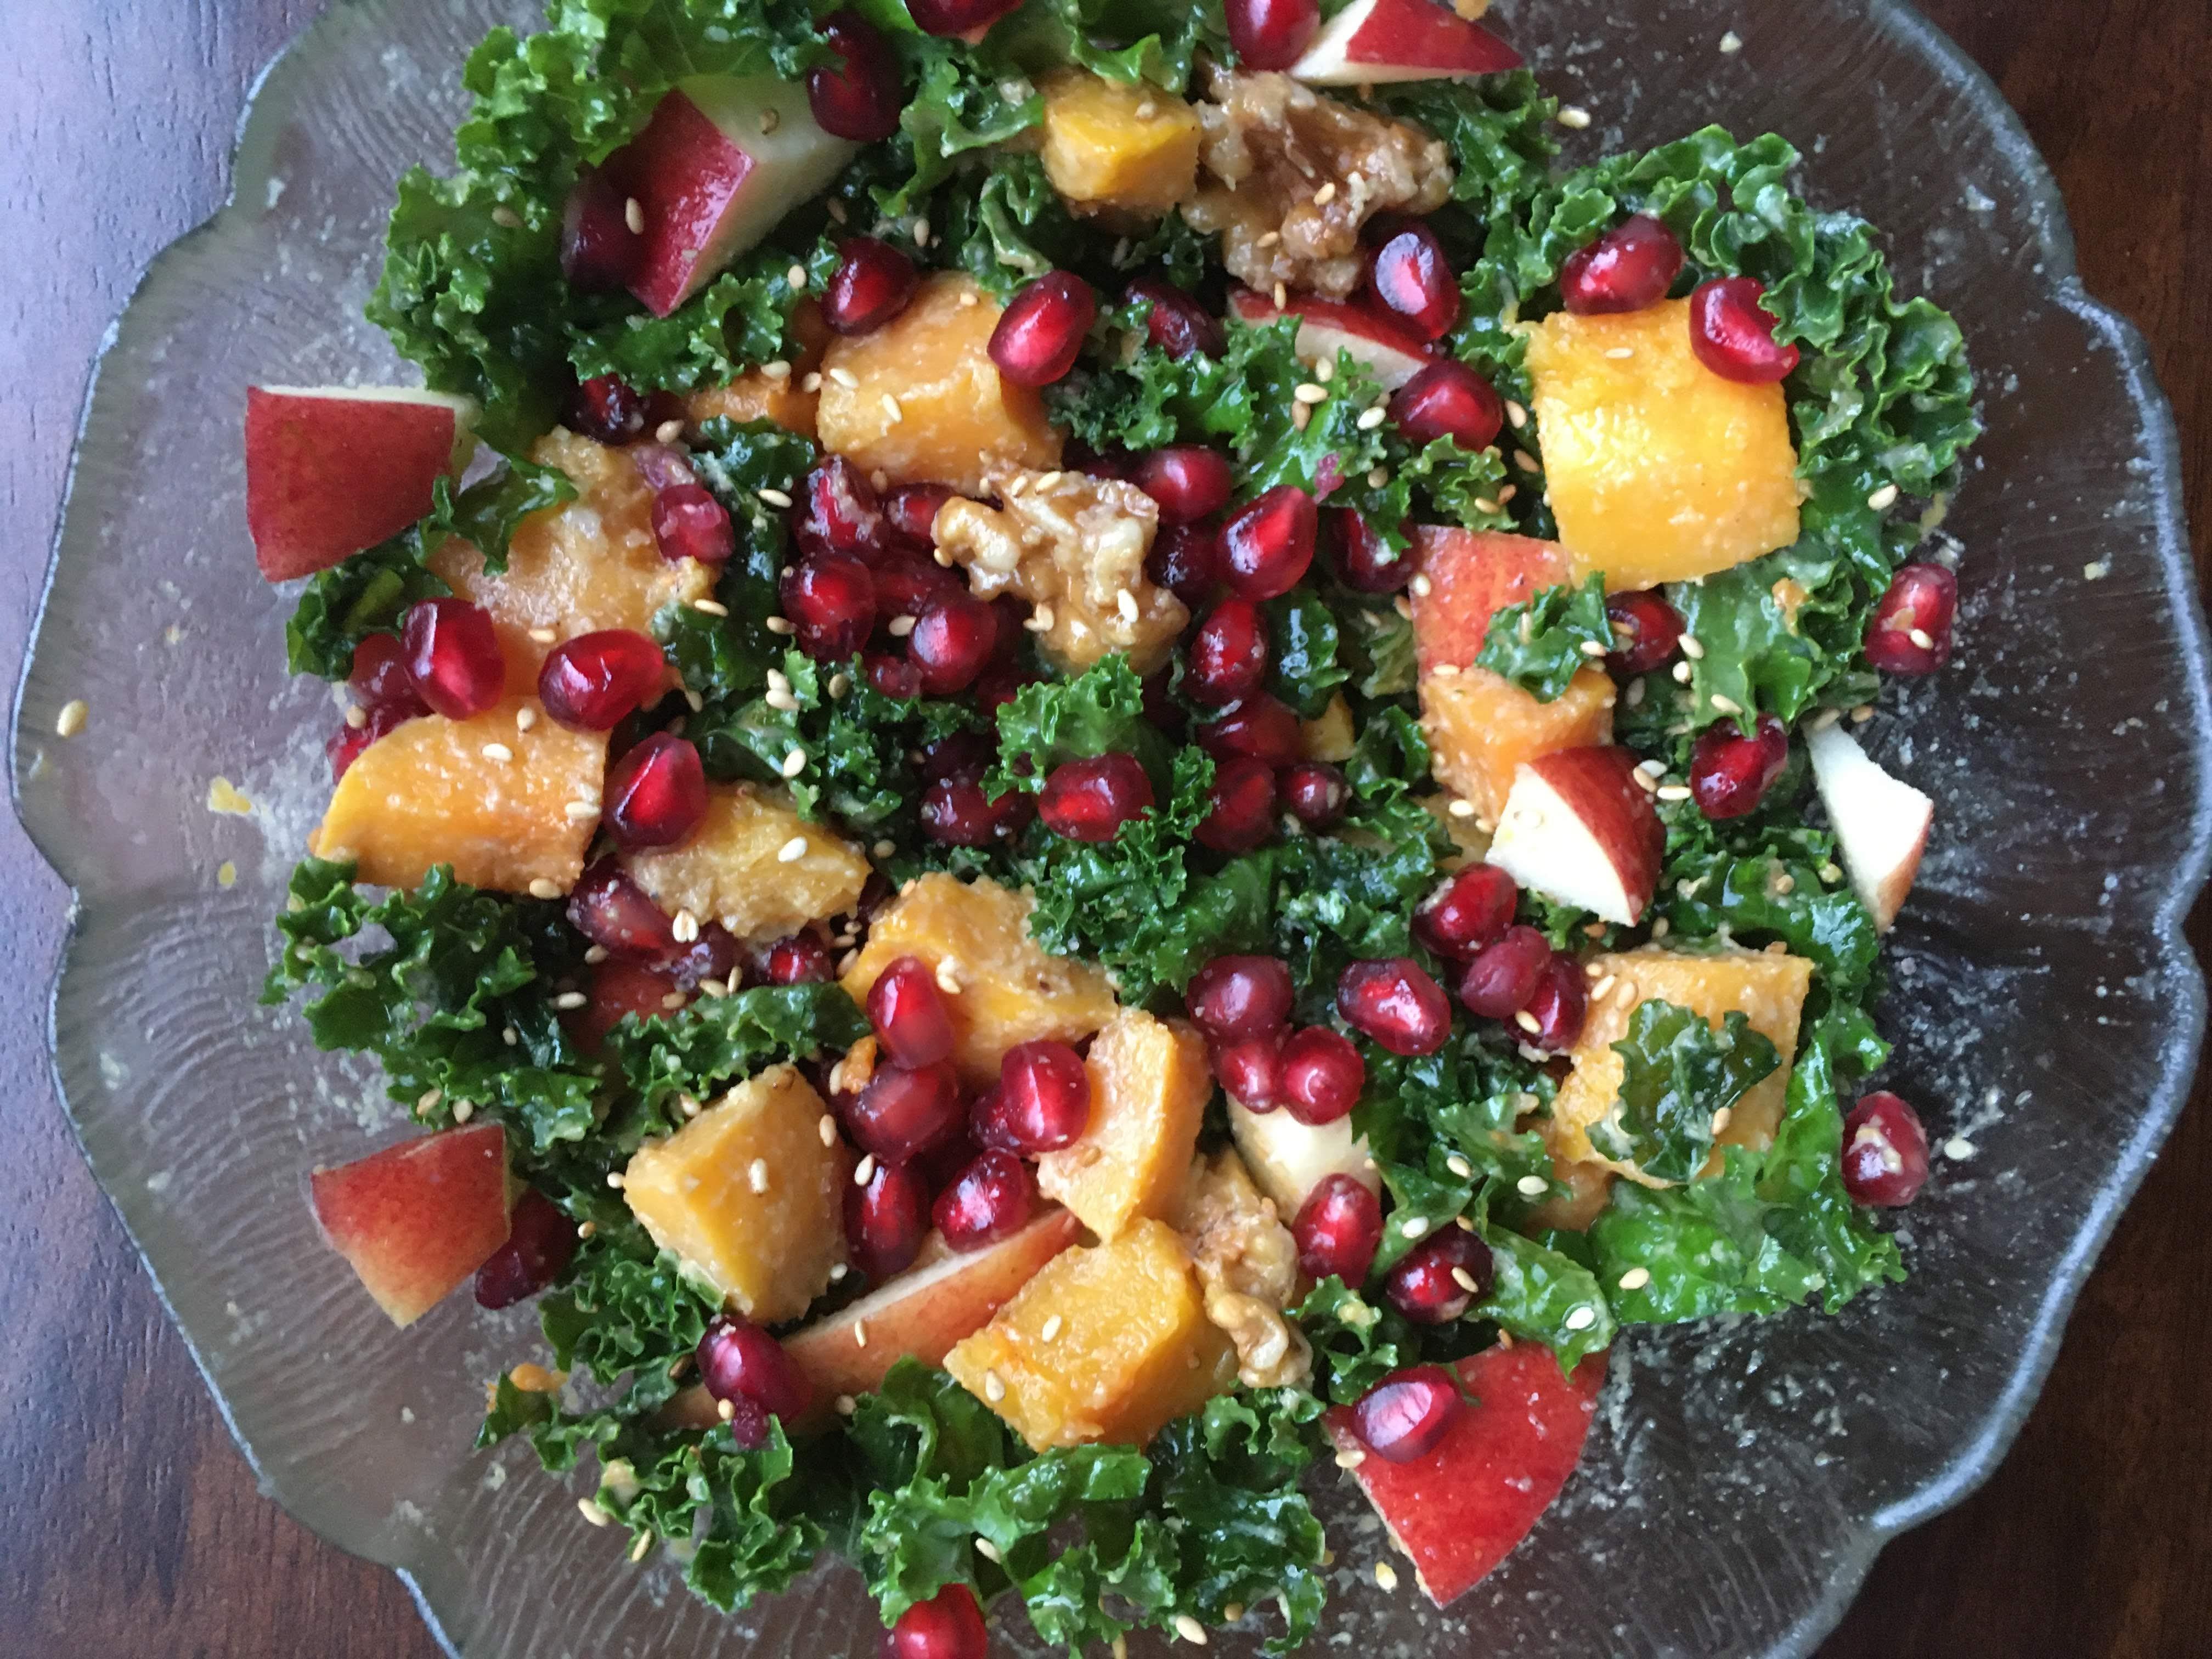 best kale salad dressing